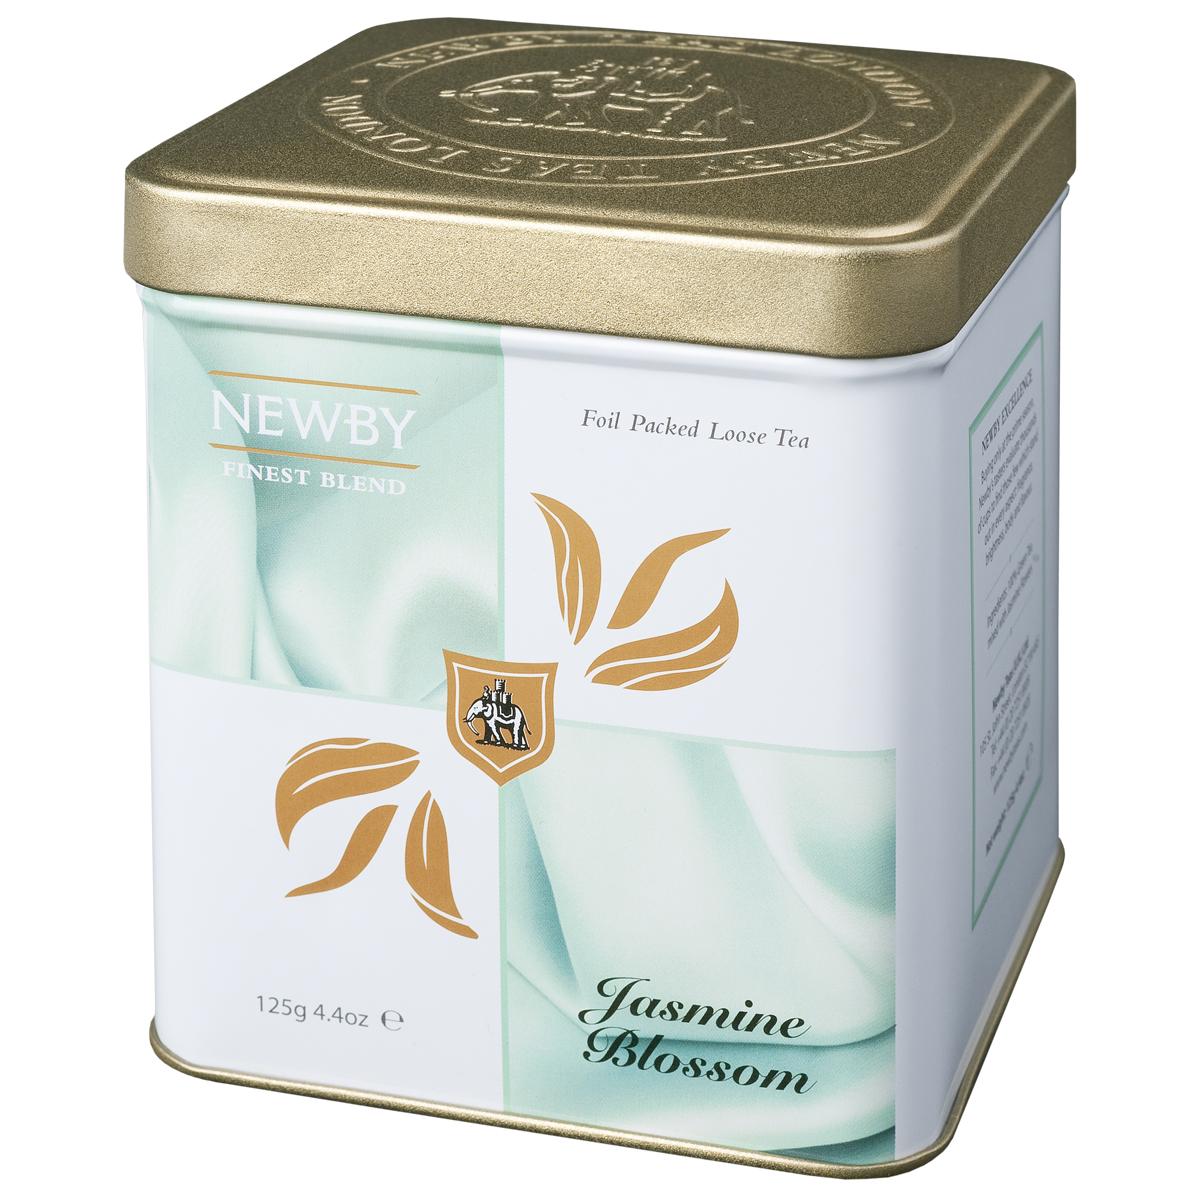 Newby Jasmine Blossom зеленый листовой чай, 125 г130090Китайский листовой чай Newby Jasmine Blossom с ароматом цветов жасмина. Имеет светло-медовый оттенок и ароматное цветочное послевкусие.